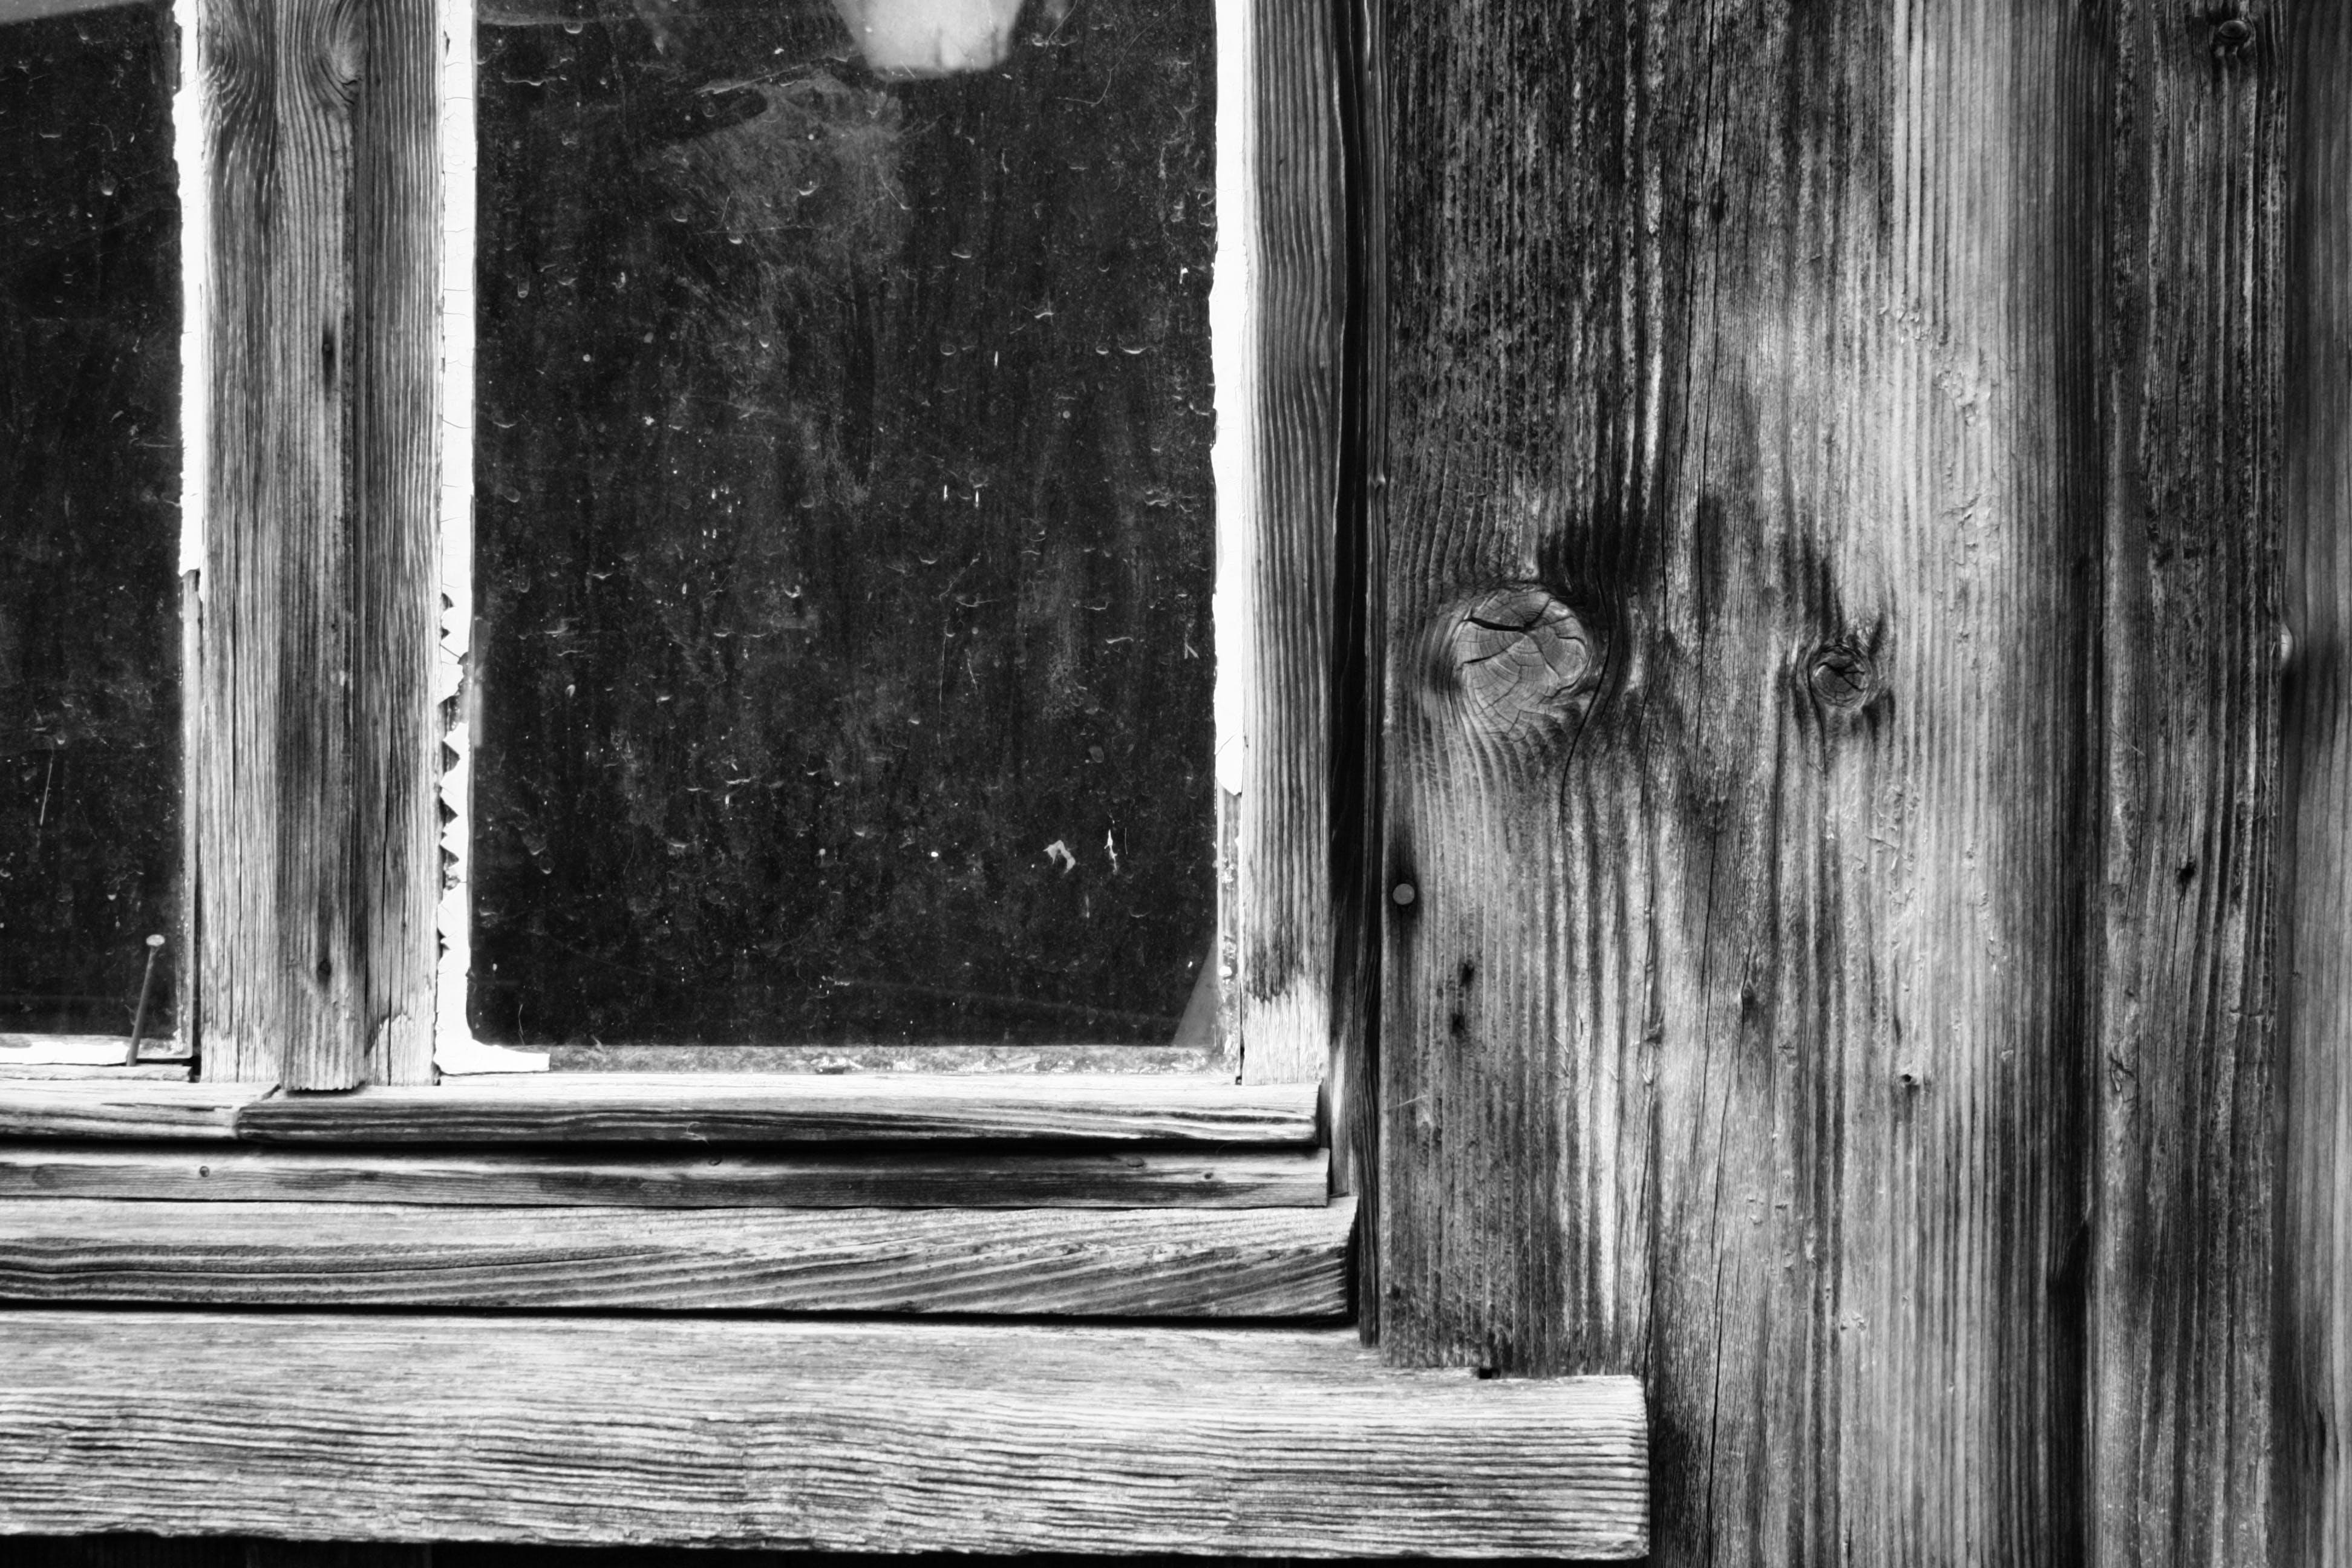 Gratis lagerfoto af bondegård, sort/hvid, sort/hvid fotografi, træ